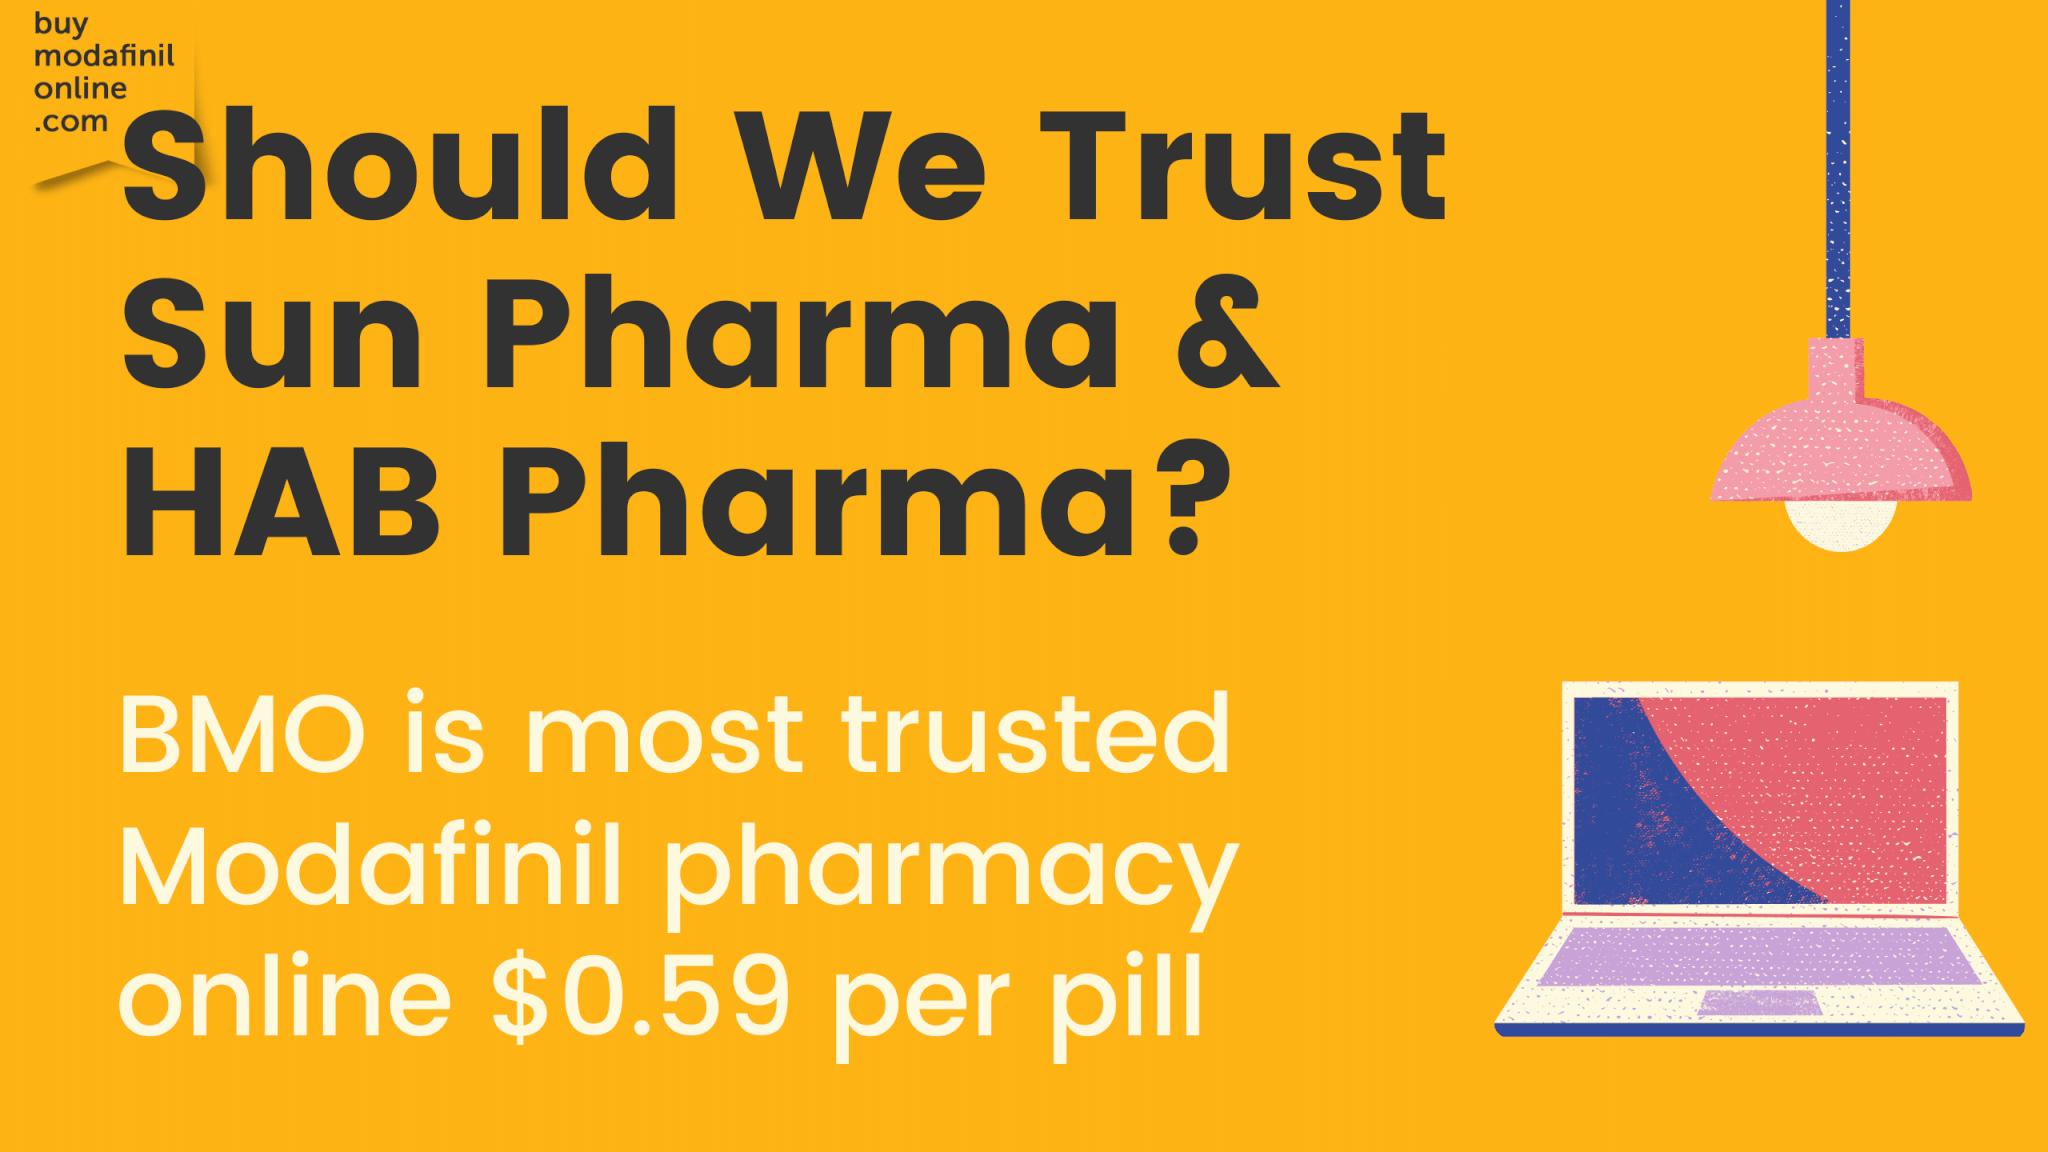 ¿Por qué podemos confiar en Sun Pharma y HAB Pharma?